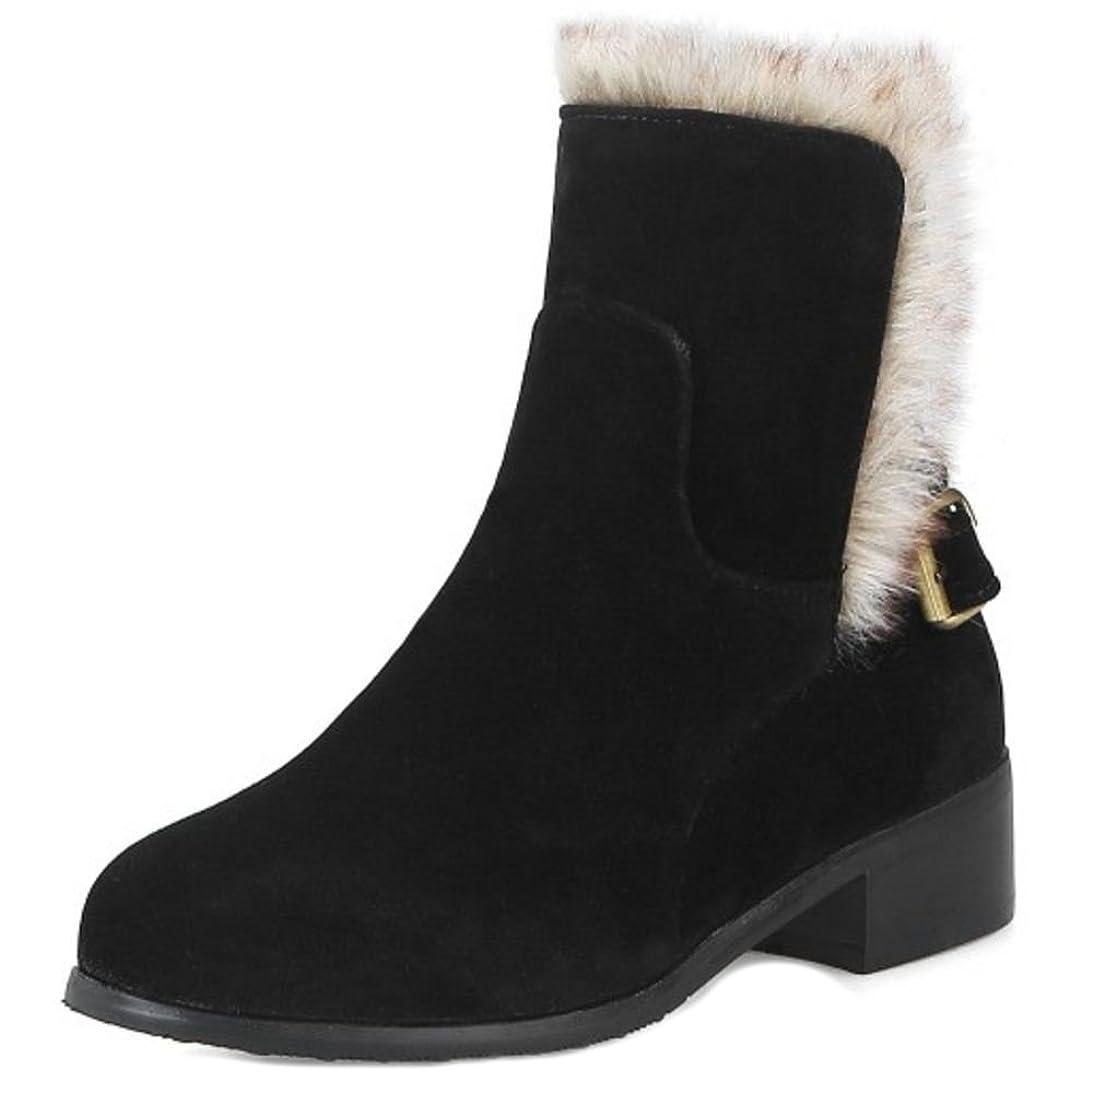 折の慈悲で宿[FANIMILA] レディース カジュアル ショートブーツ ローヒール ベルト ブーツ冬 小さい/大きいサイズ